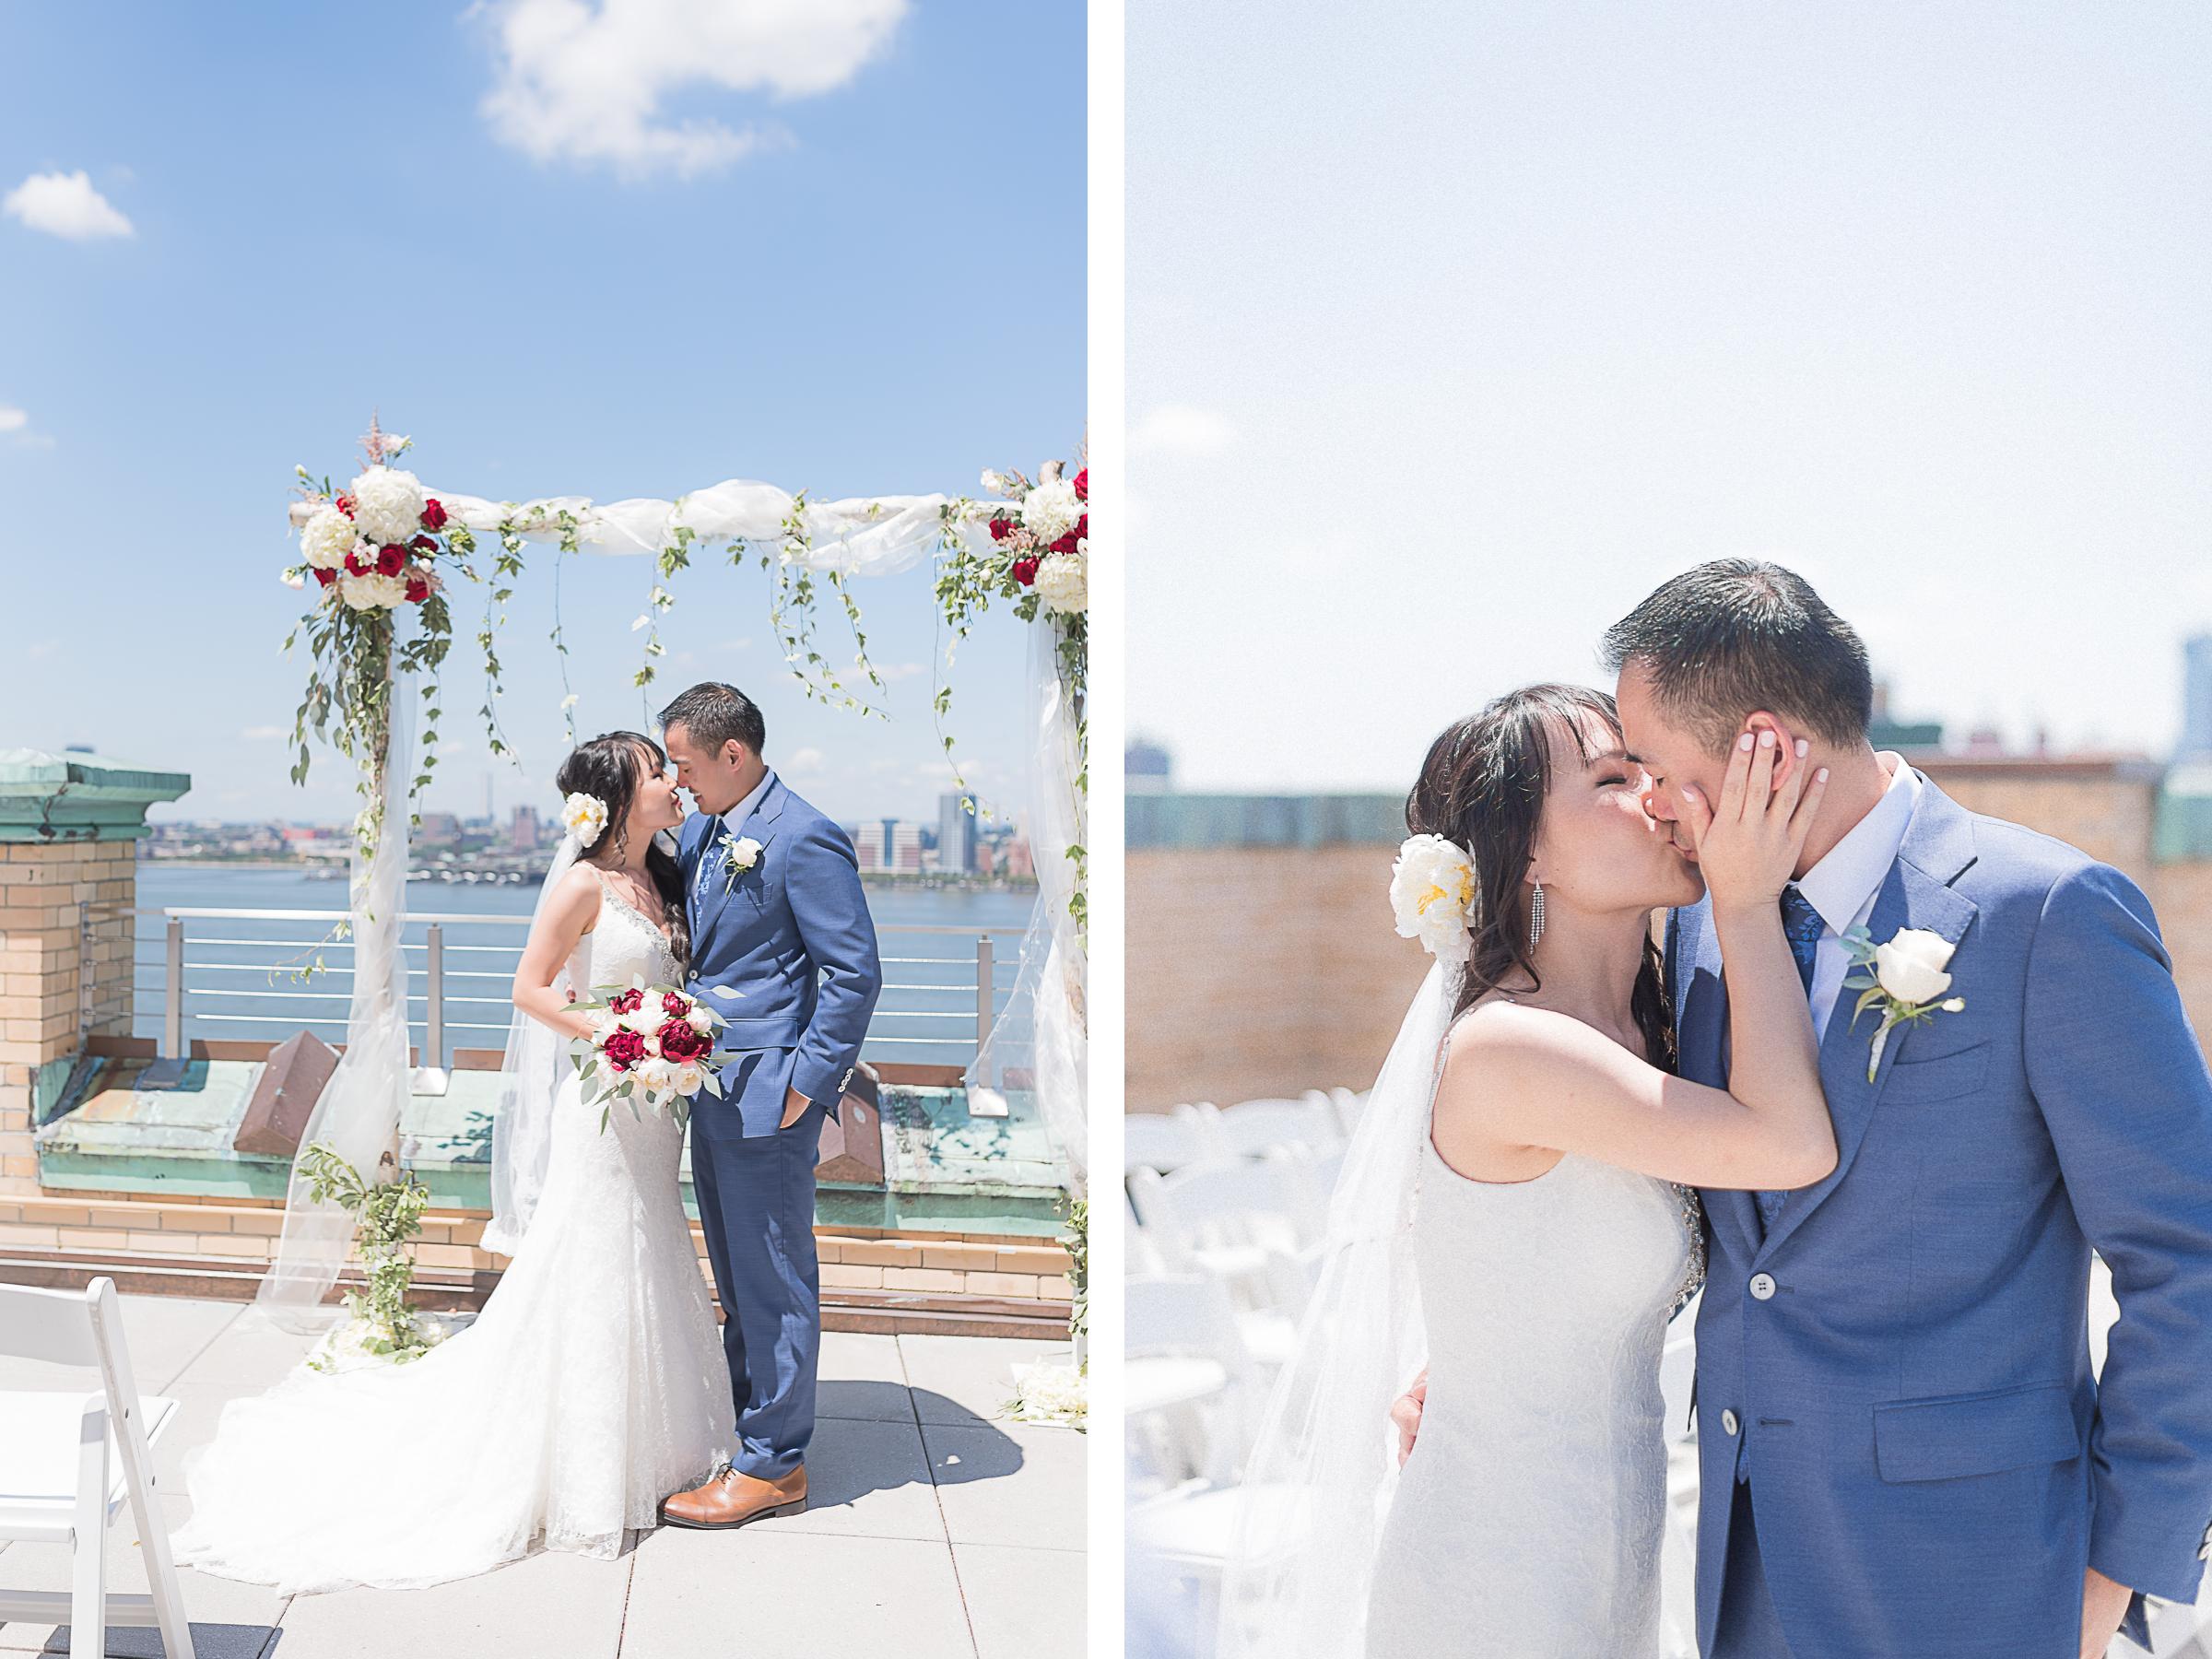 NYC-Ramscale-Wedding-Bride-Groom-First-Look-Kiss.jpg